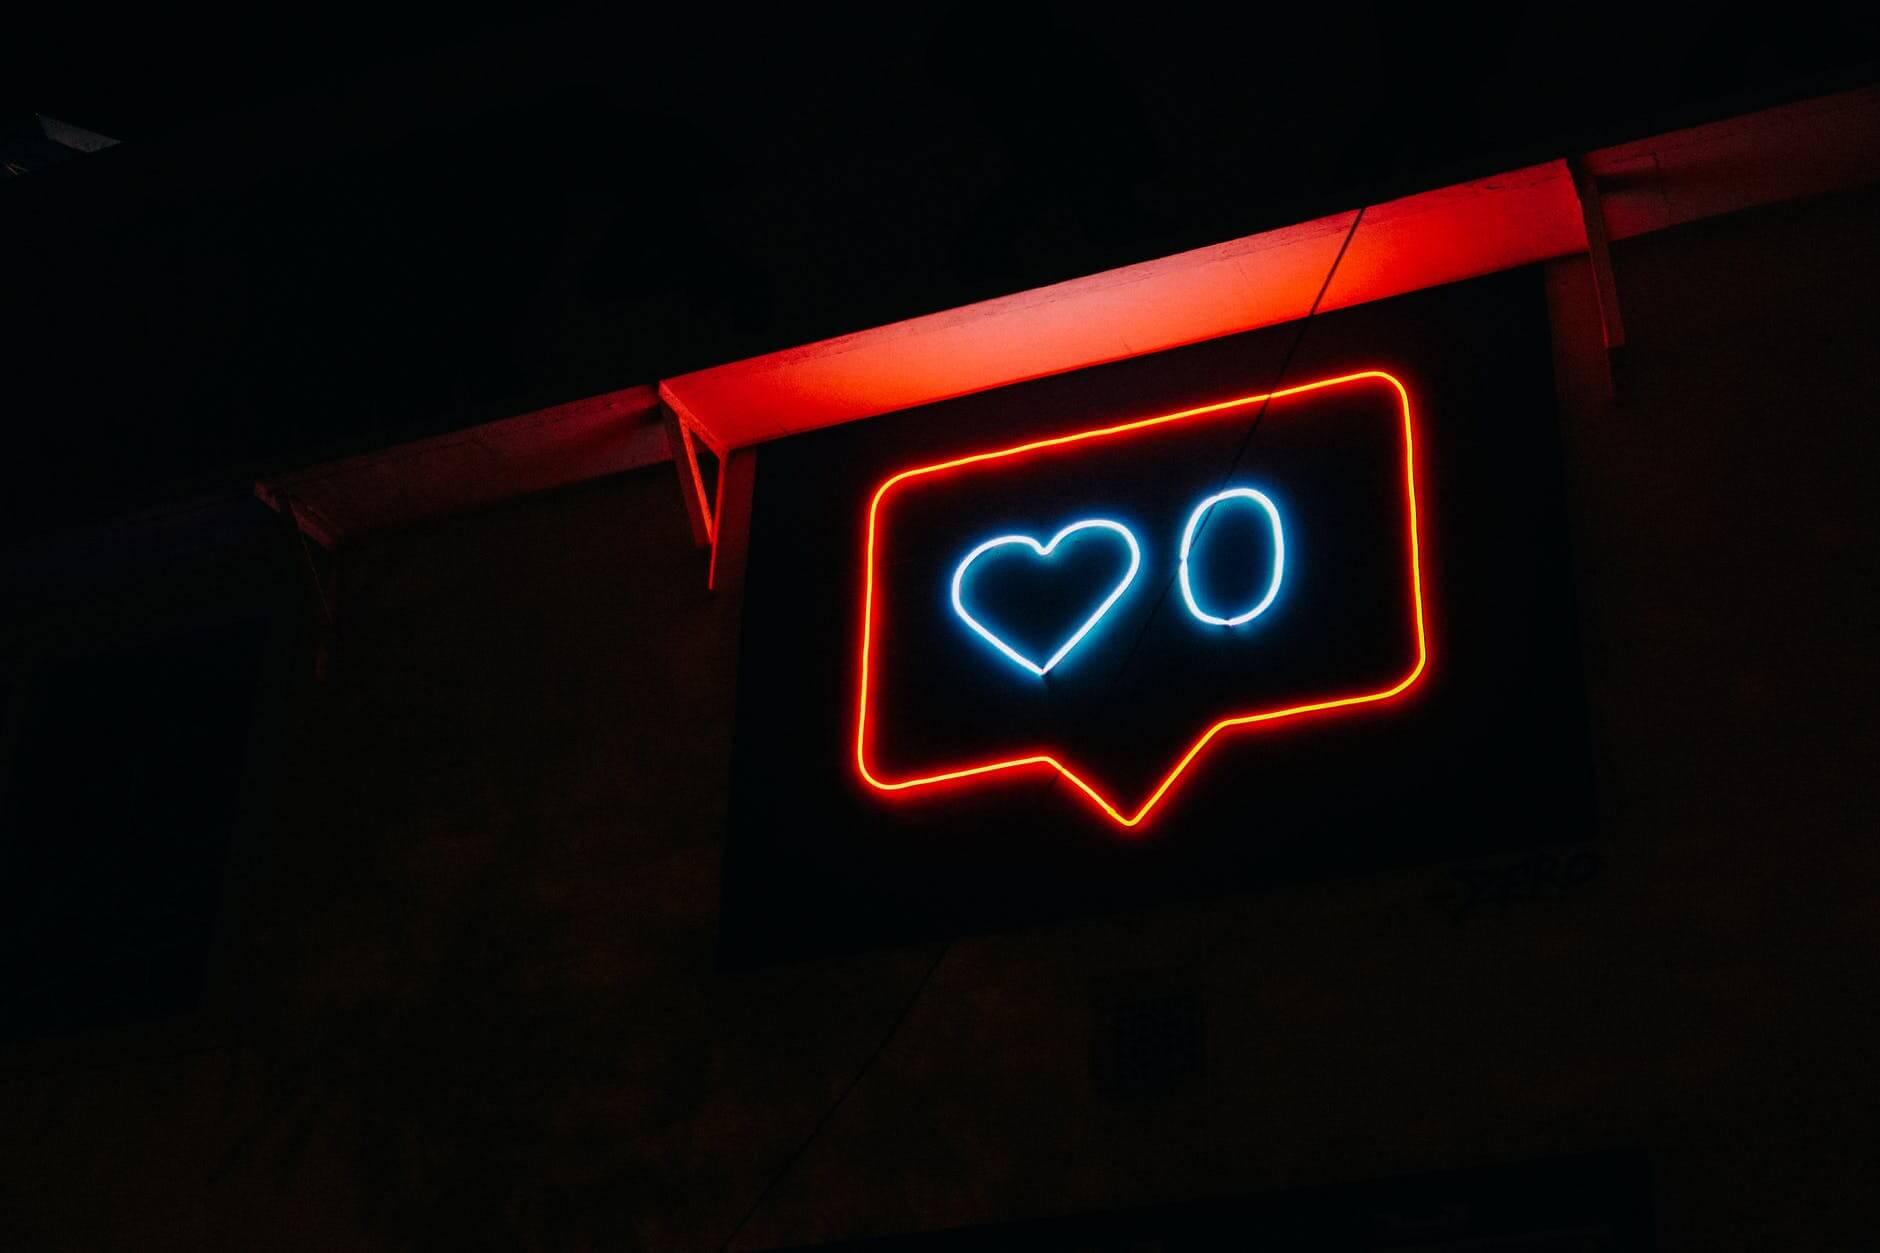 En Cubos Web, Agencia de Marketing Digital te damos los mejores tips para que tu empresa tenga un gran crecimiento en Instagram.